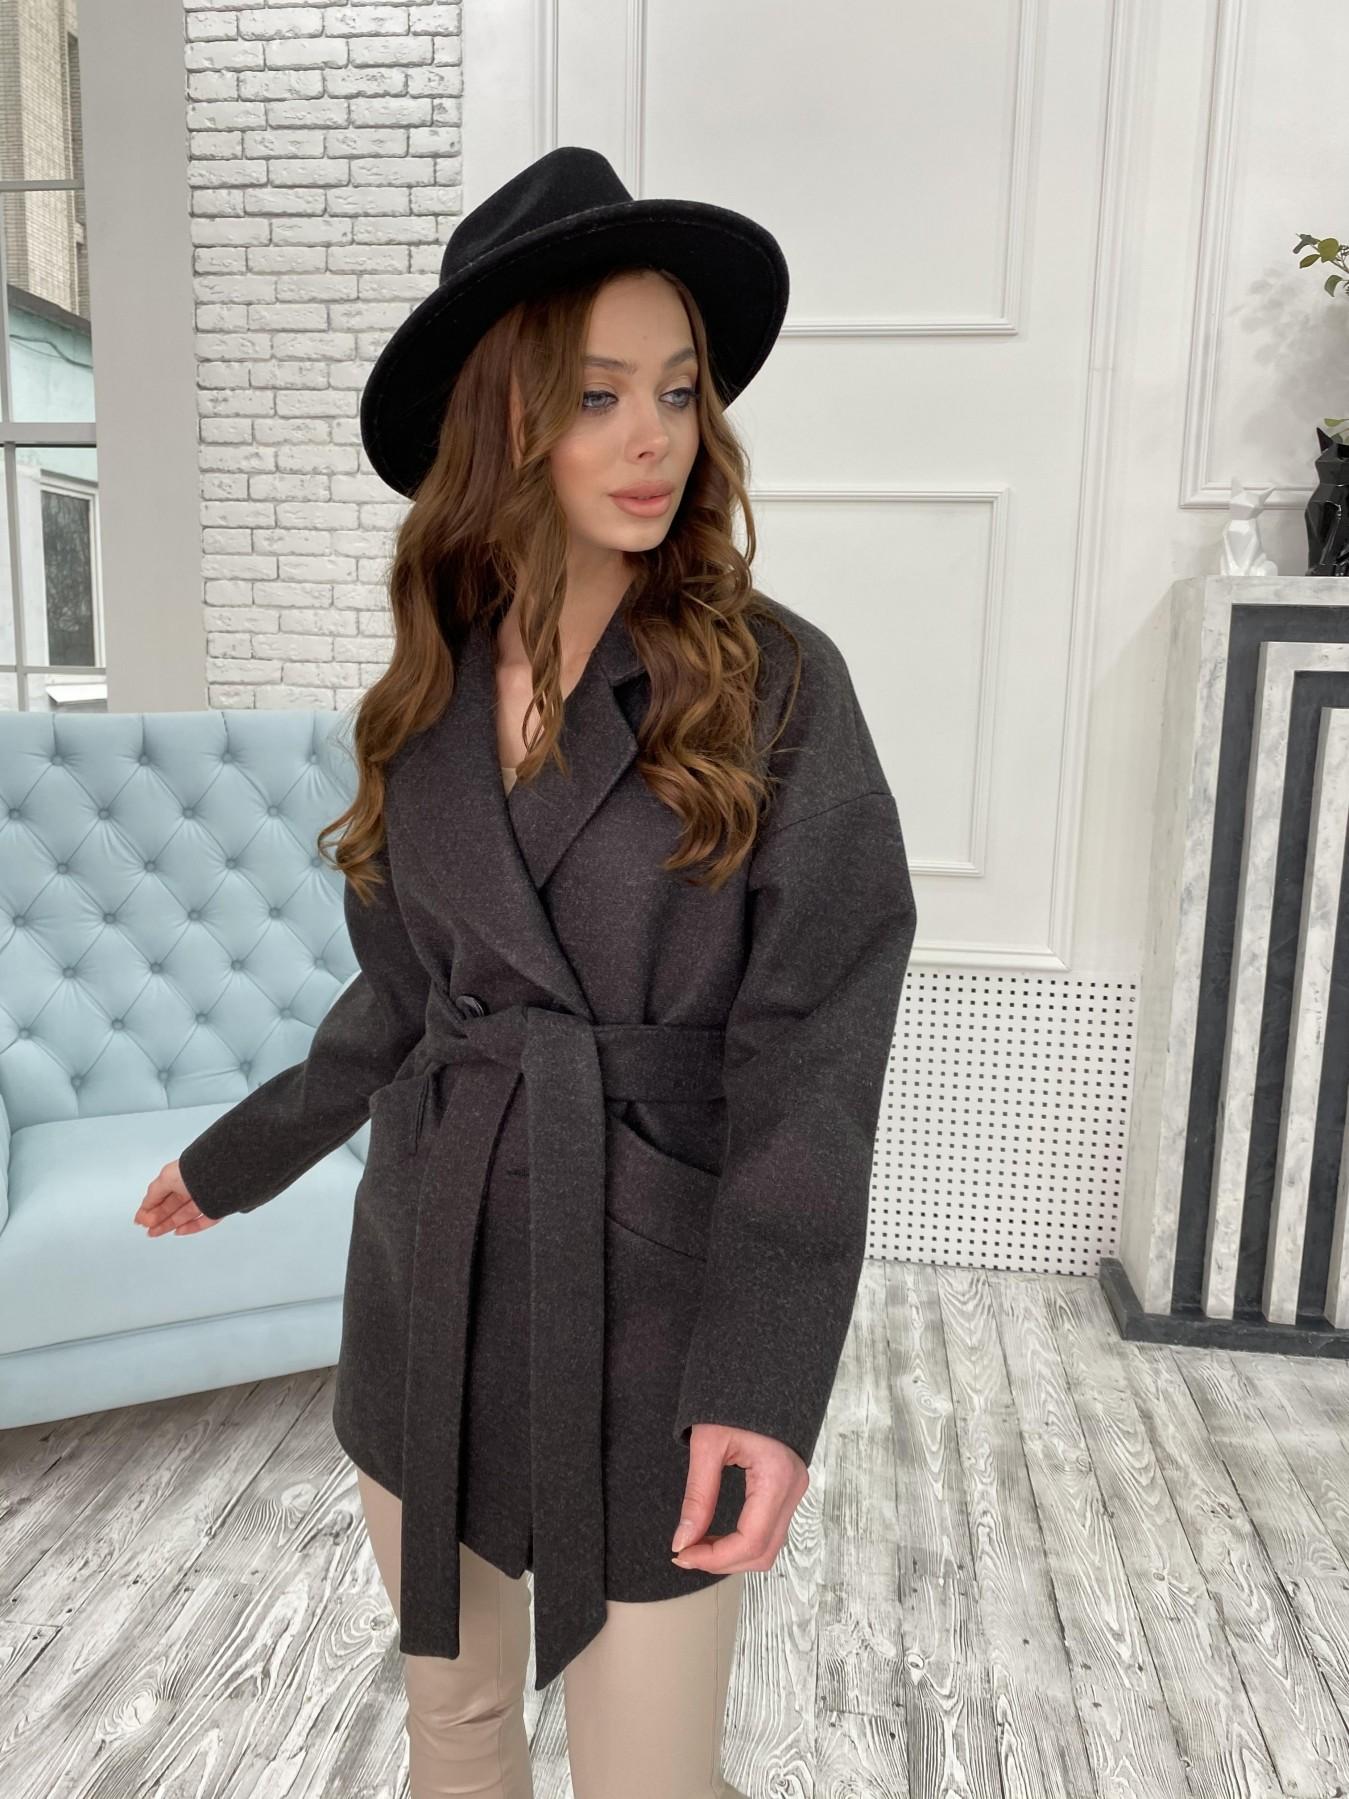 Бонд пальто  кашемировое меланж на трикотаже  10644 АРТ. 47183 Цвет: Черный меланж - фото 5, интернет магазин tm-modus.ru